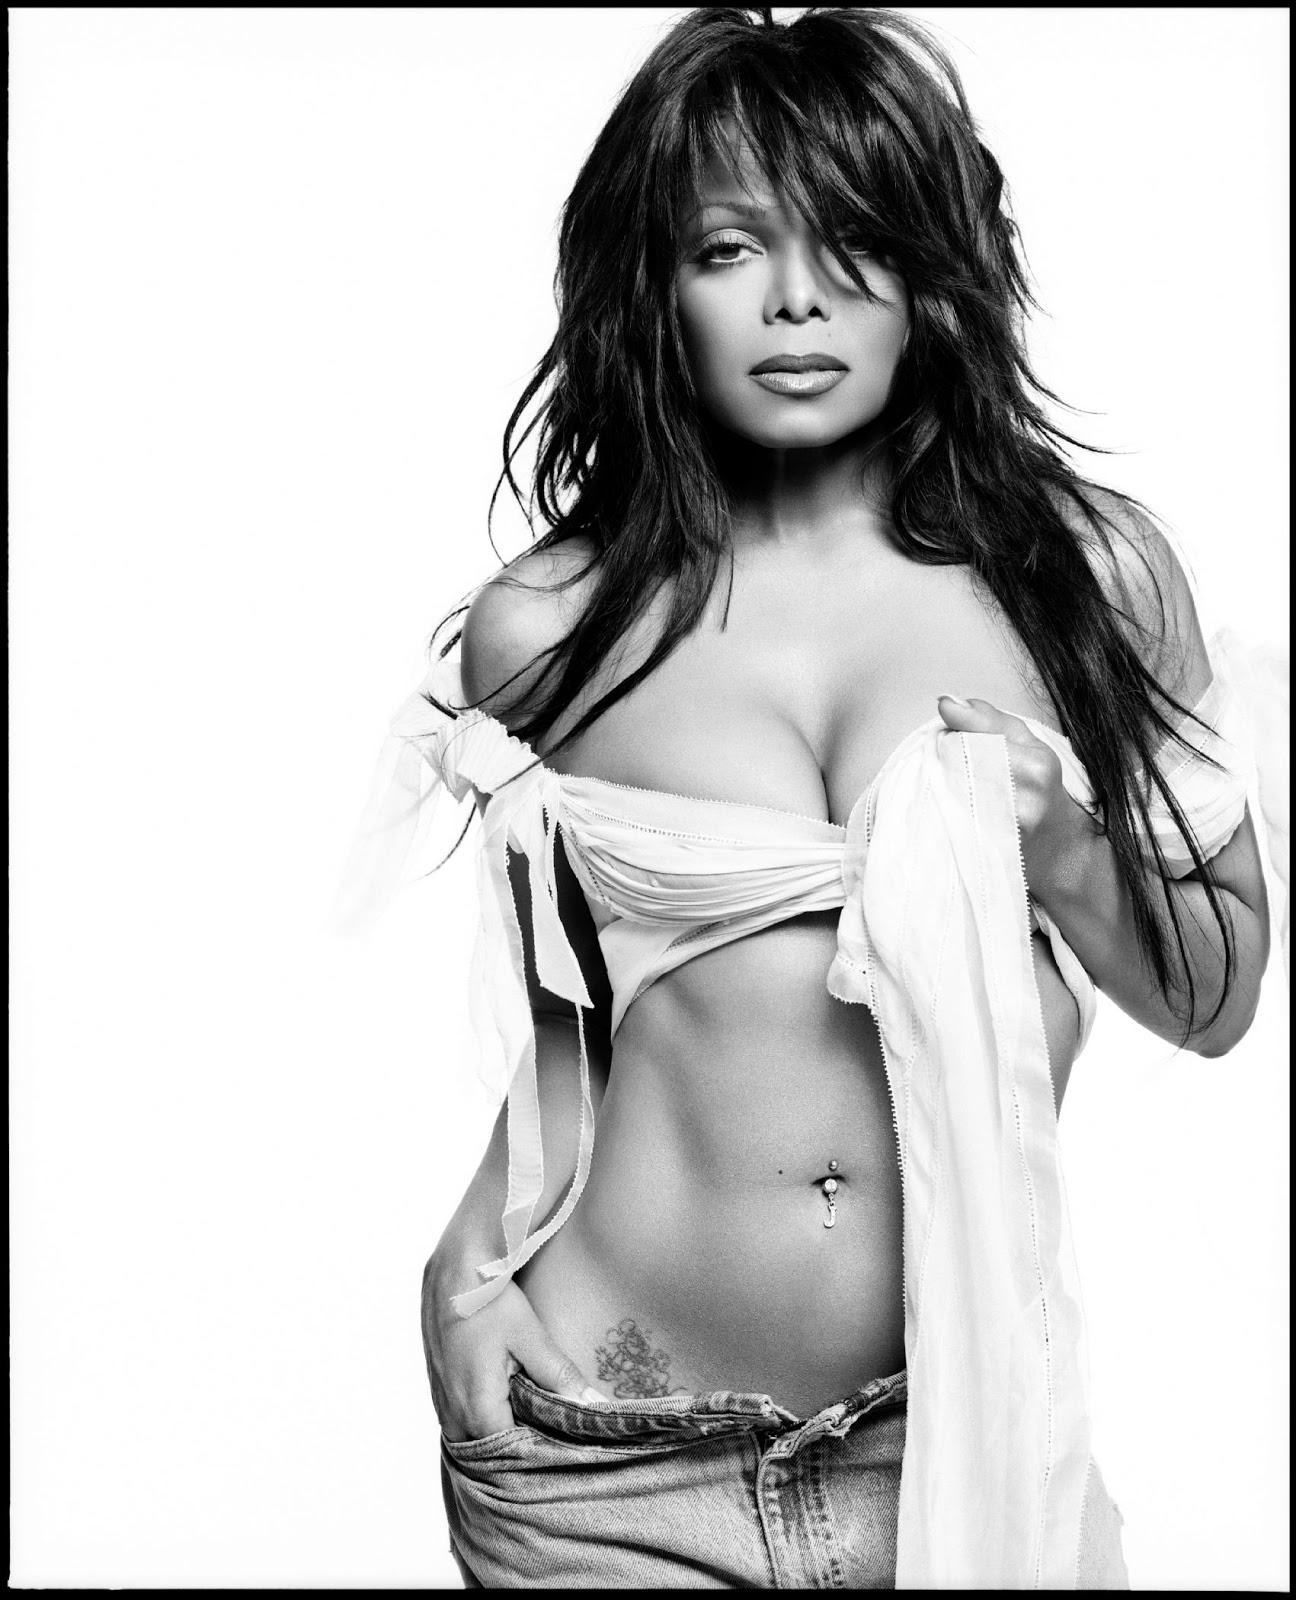 http://4.bp.blogspot.com/-NX2ZyzQZ840/UQLtxKB2LGI/AAAAAAAARvk/WCOoxskNsAQ/s1600/janet-jackson-nude-02.jpg